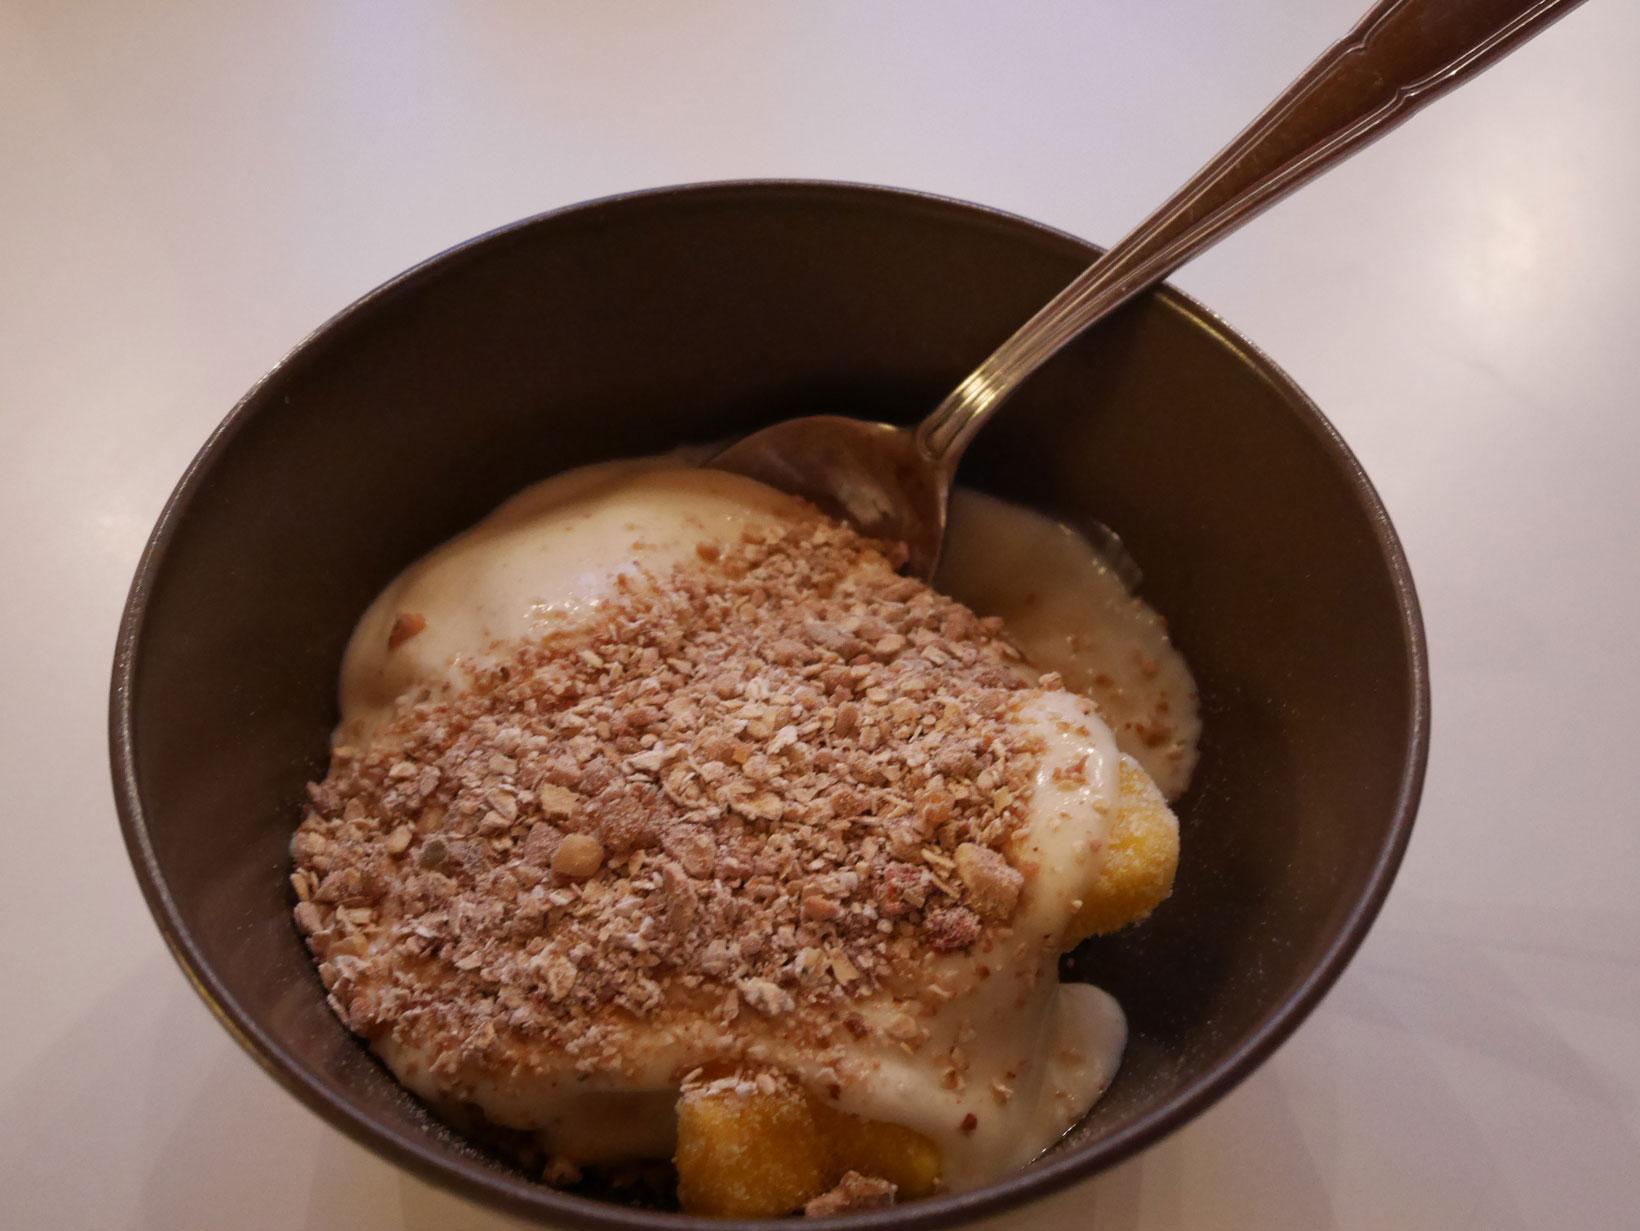 Vid servering kan man leka lite hur man vill – idag blev det med mango och sojayoghurt.